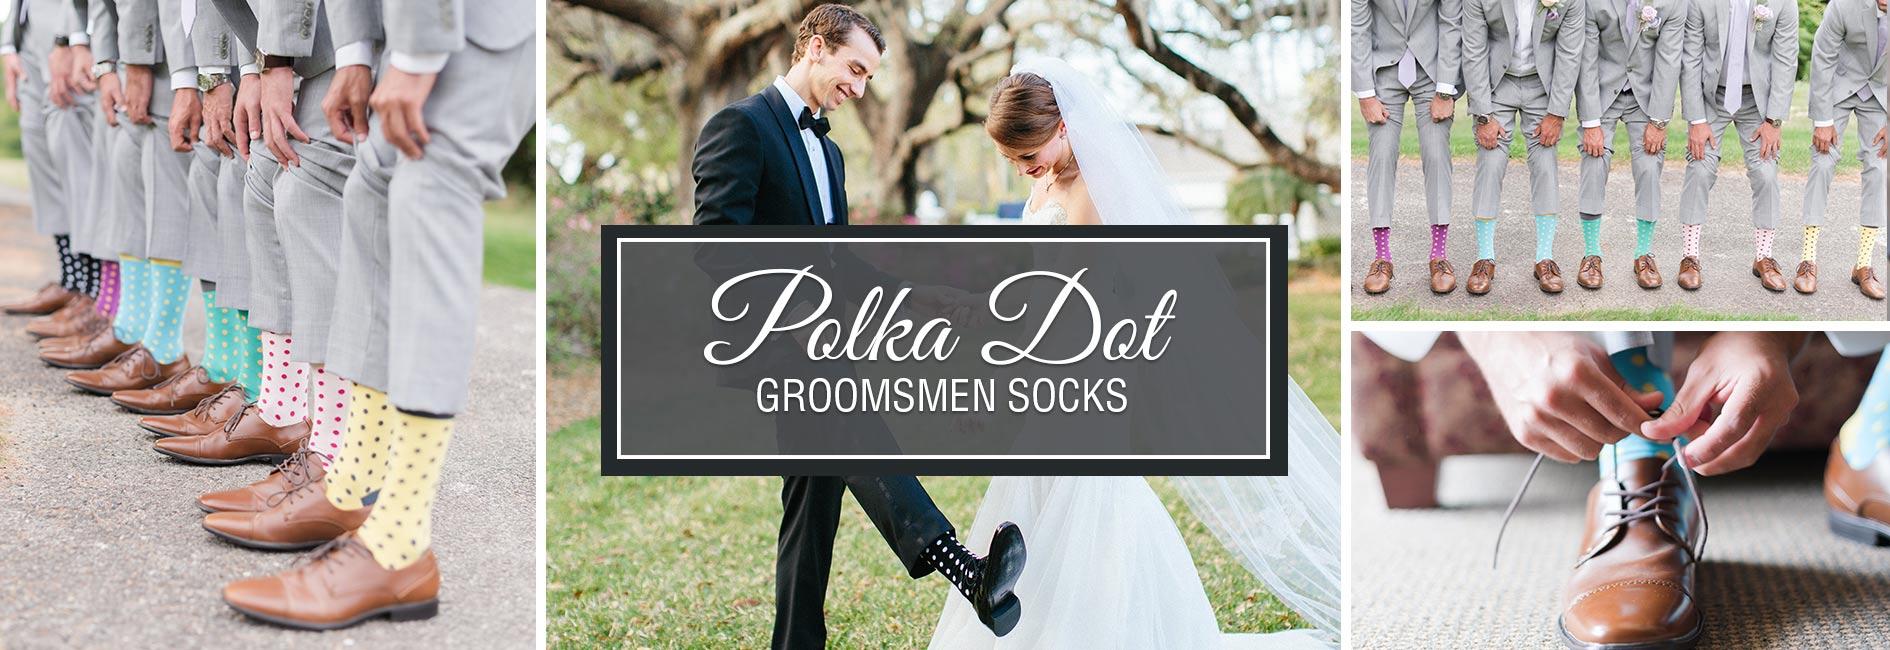 Green Groomsmen Wedding Socks Banner